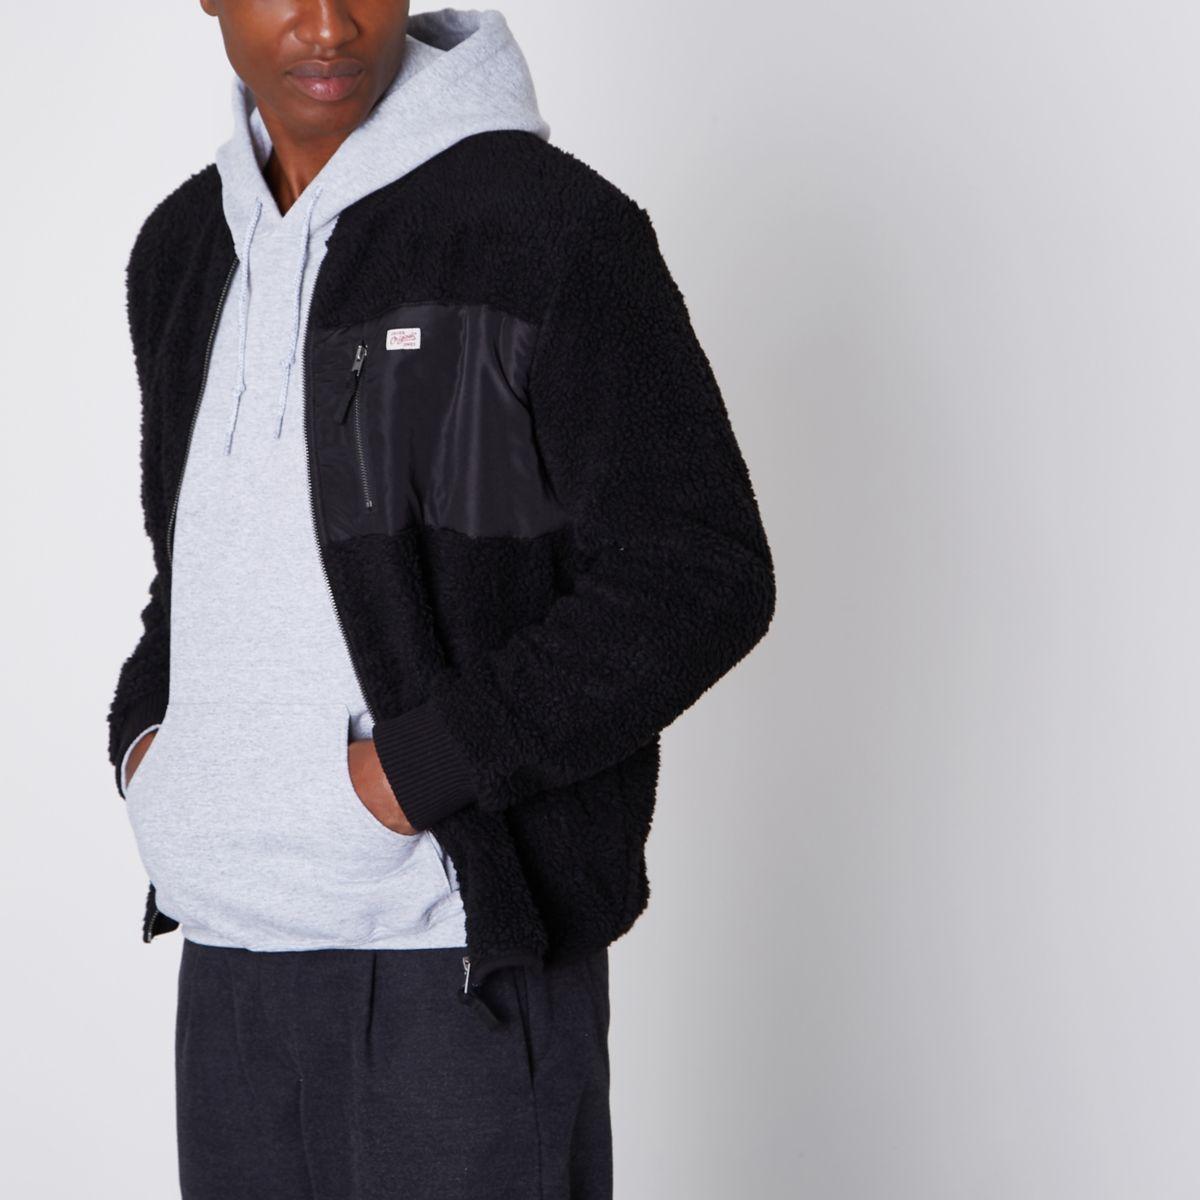 Black Jack & Jones fleece zip-up jacket